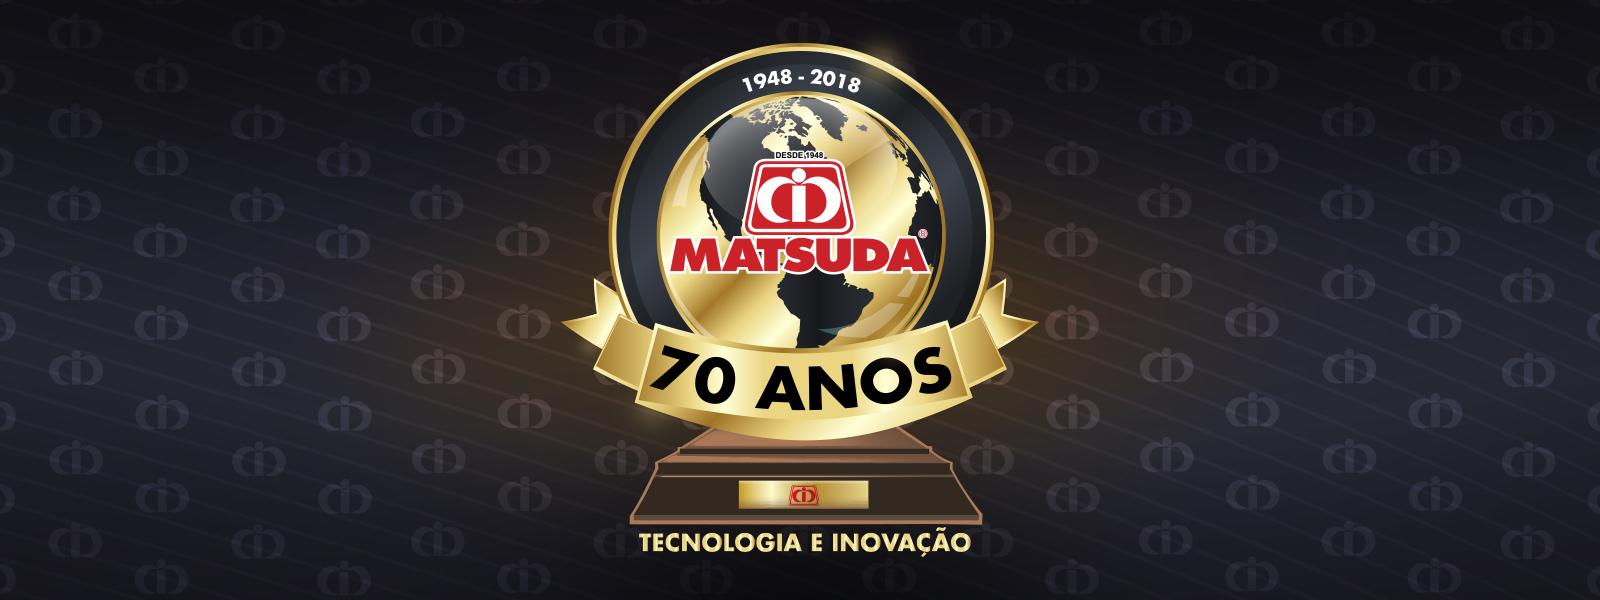 Matsuda 70 anos